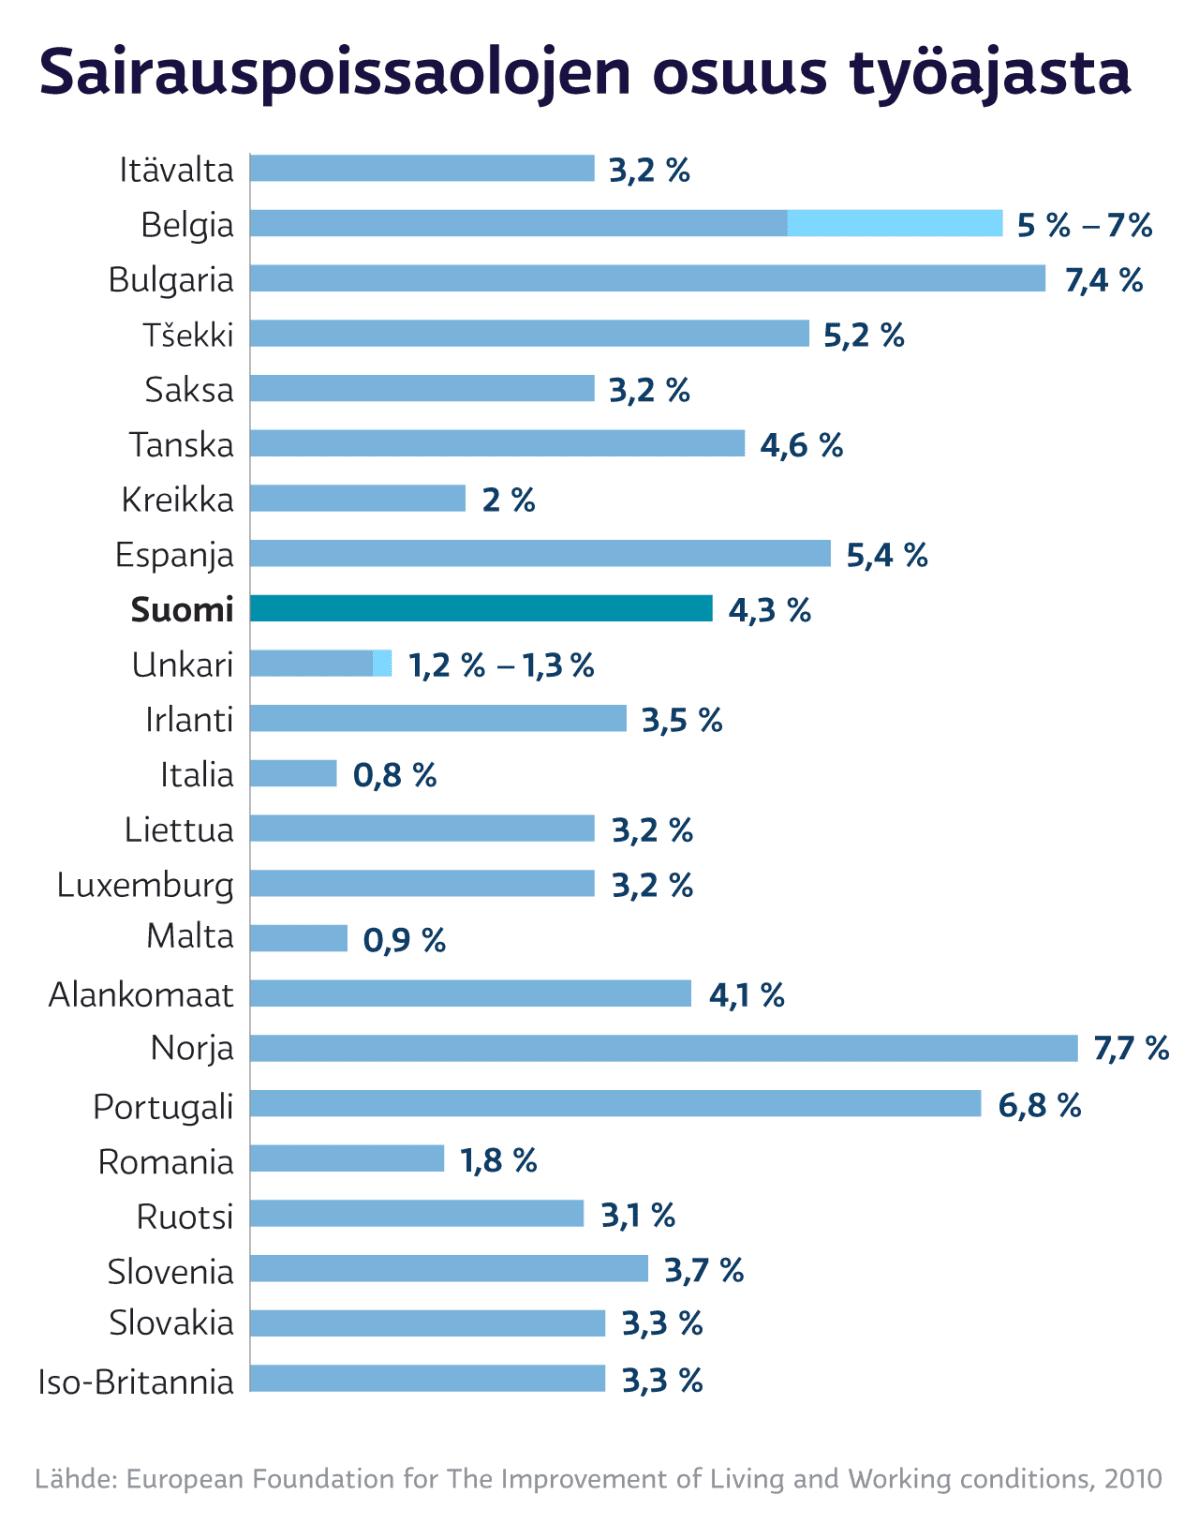 Sairaspoissaolojen osuus työajasta Euroopassa, pylväsgrafiikka